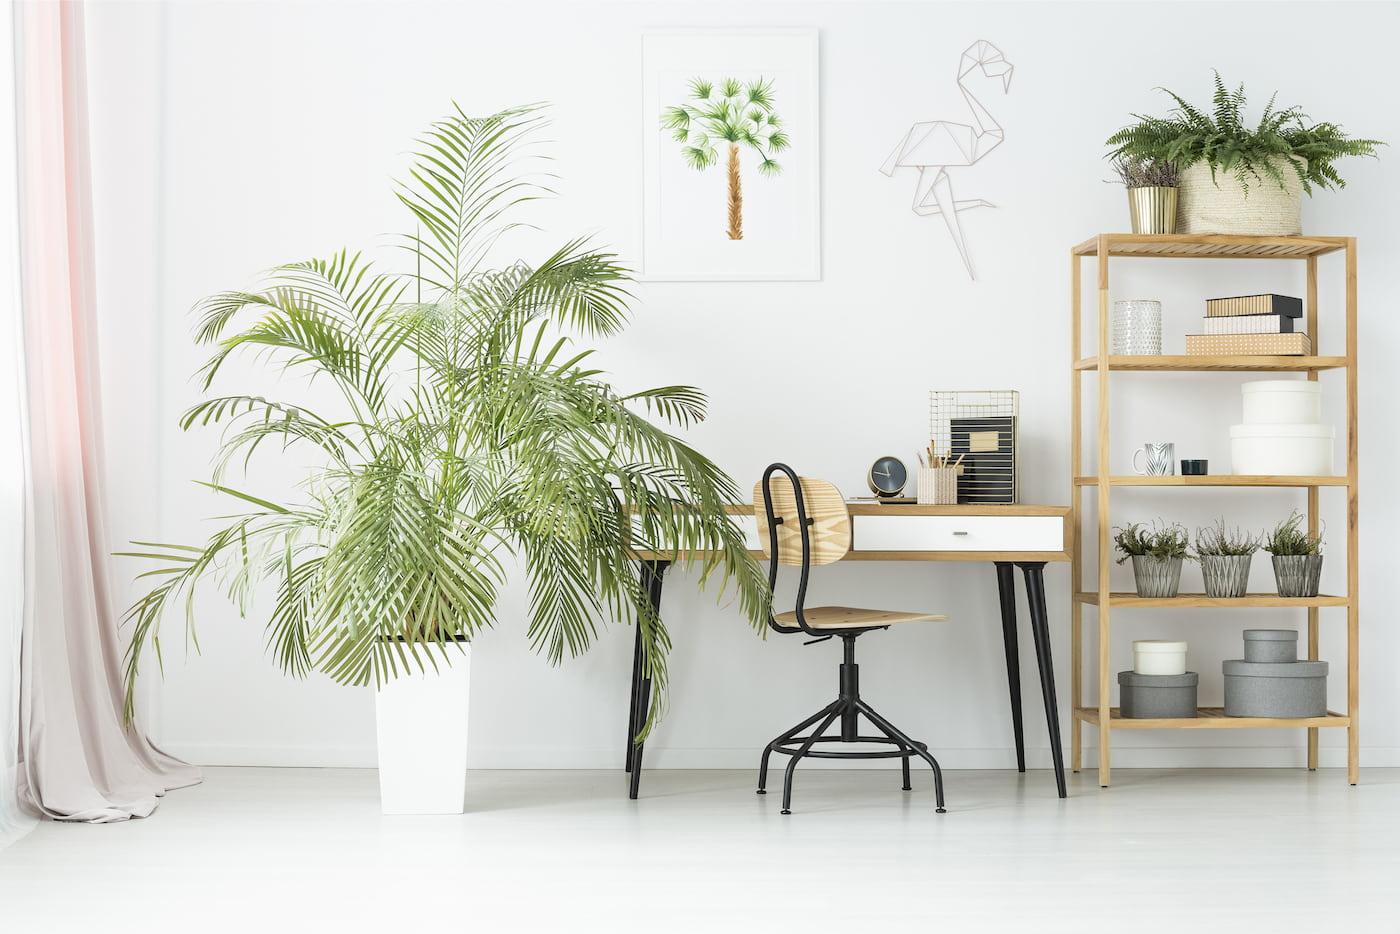 комнатные растения в интерьере фото 55